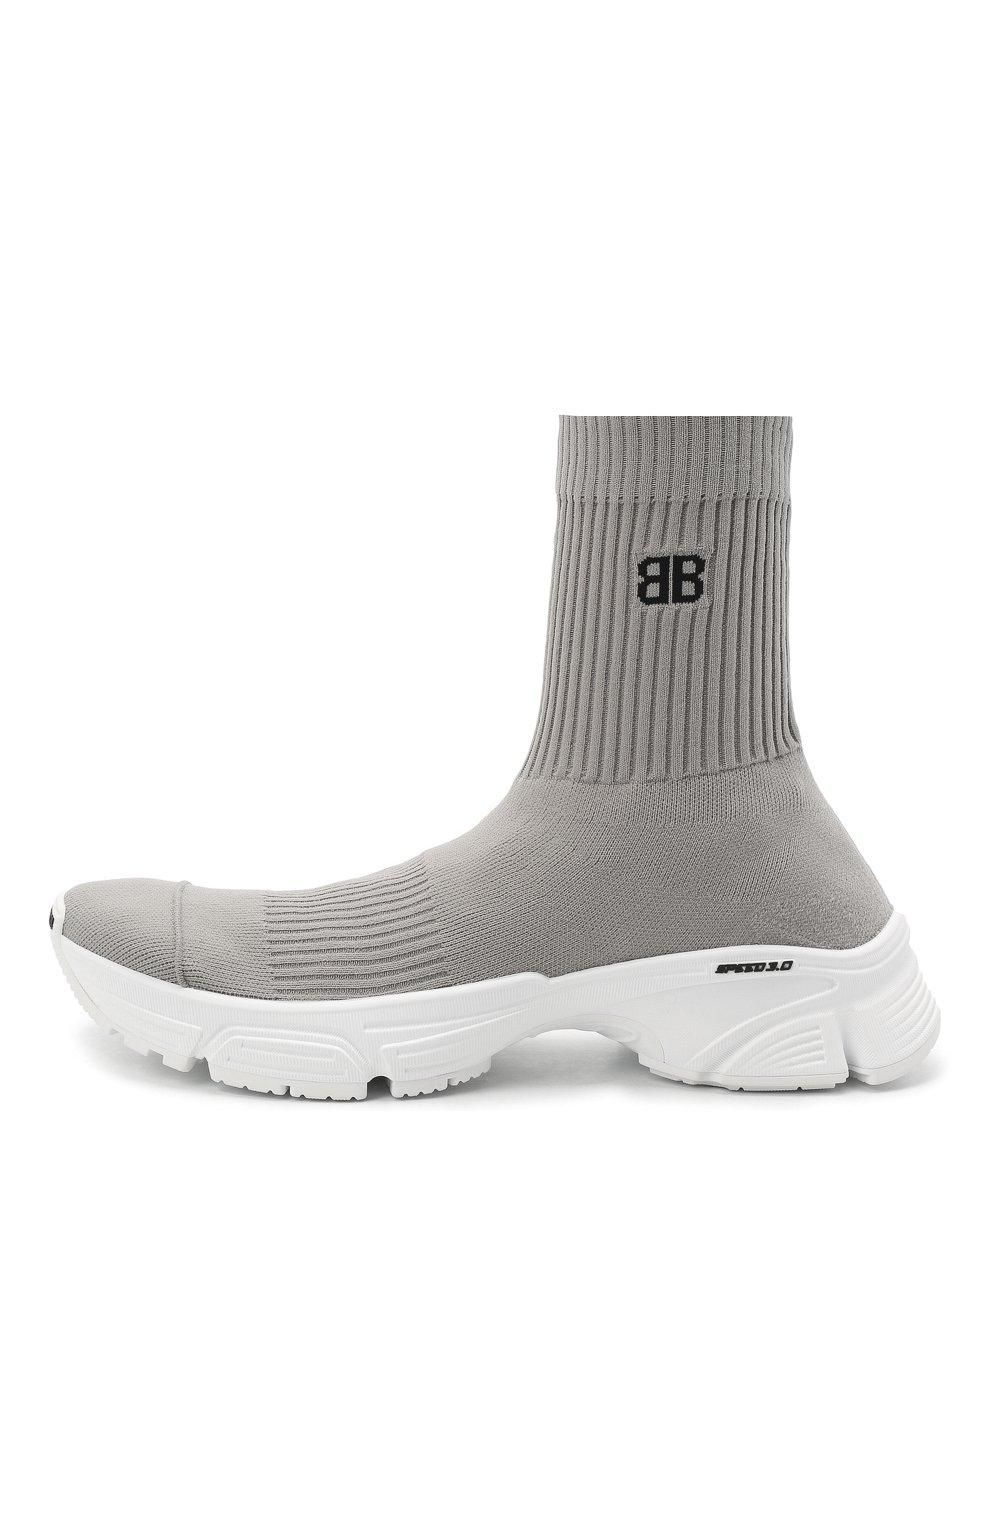 Мужские текстильные кроссовки speed 3.0 BALENCIAGA серого цвета, арт. 654532/W2DN2   Фото 3 (Материал внешний: Текстиль; Стили: Гранж; Материал внутренний: Текстиль; Подошва: Массивная)